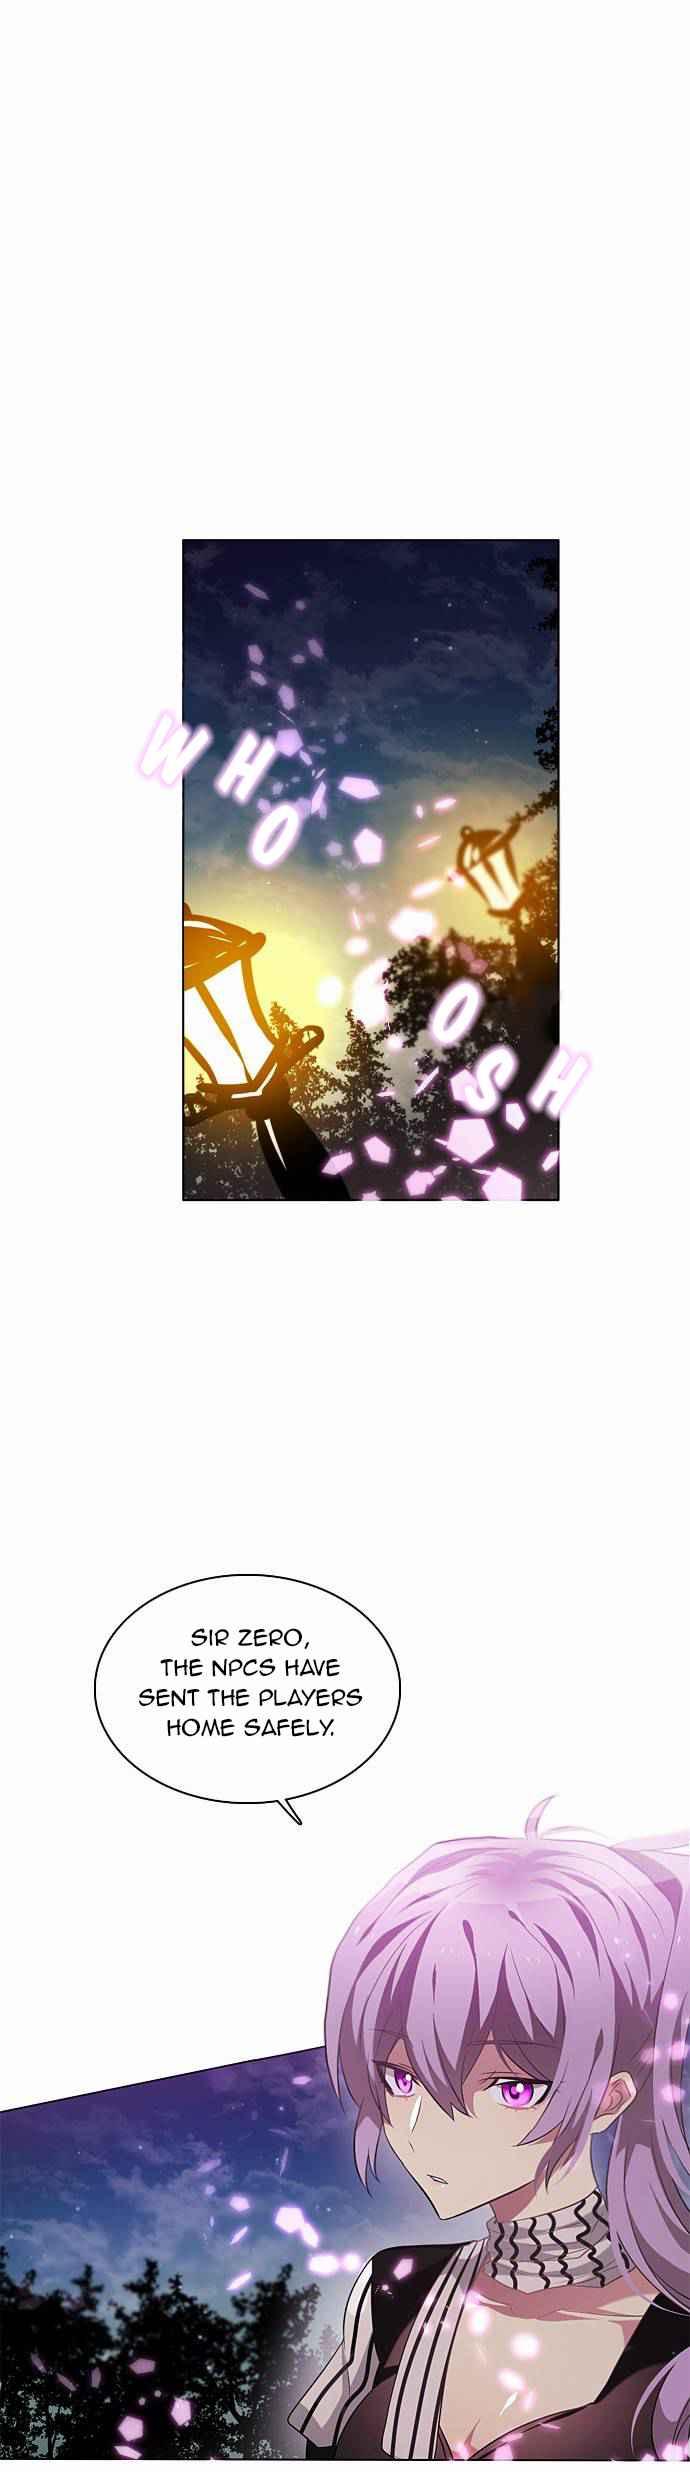 https://img2.nineanime.com/comics/pic2/24/16728/731784/6f4920ea25403ec77bee9efce43ea25e.jpg Page 1